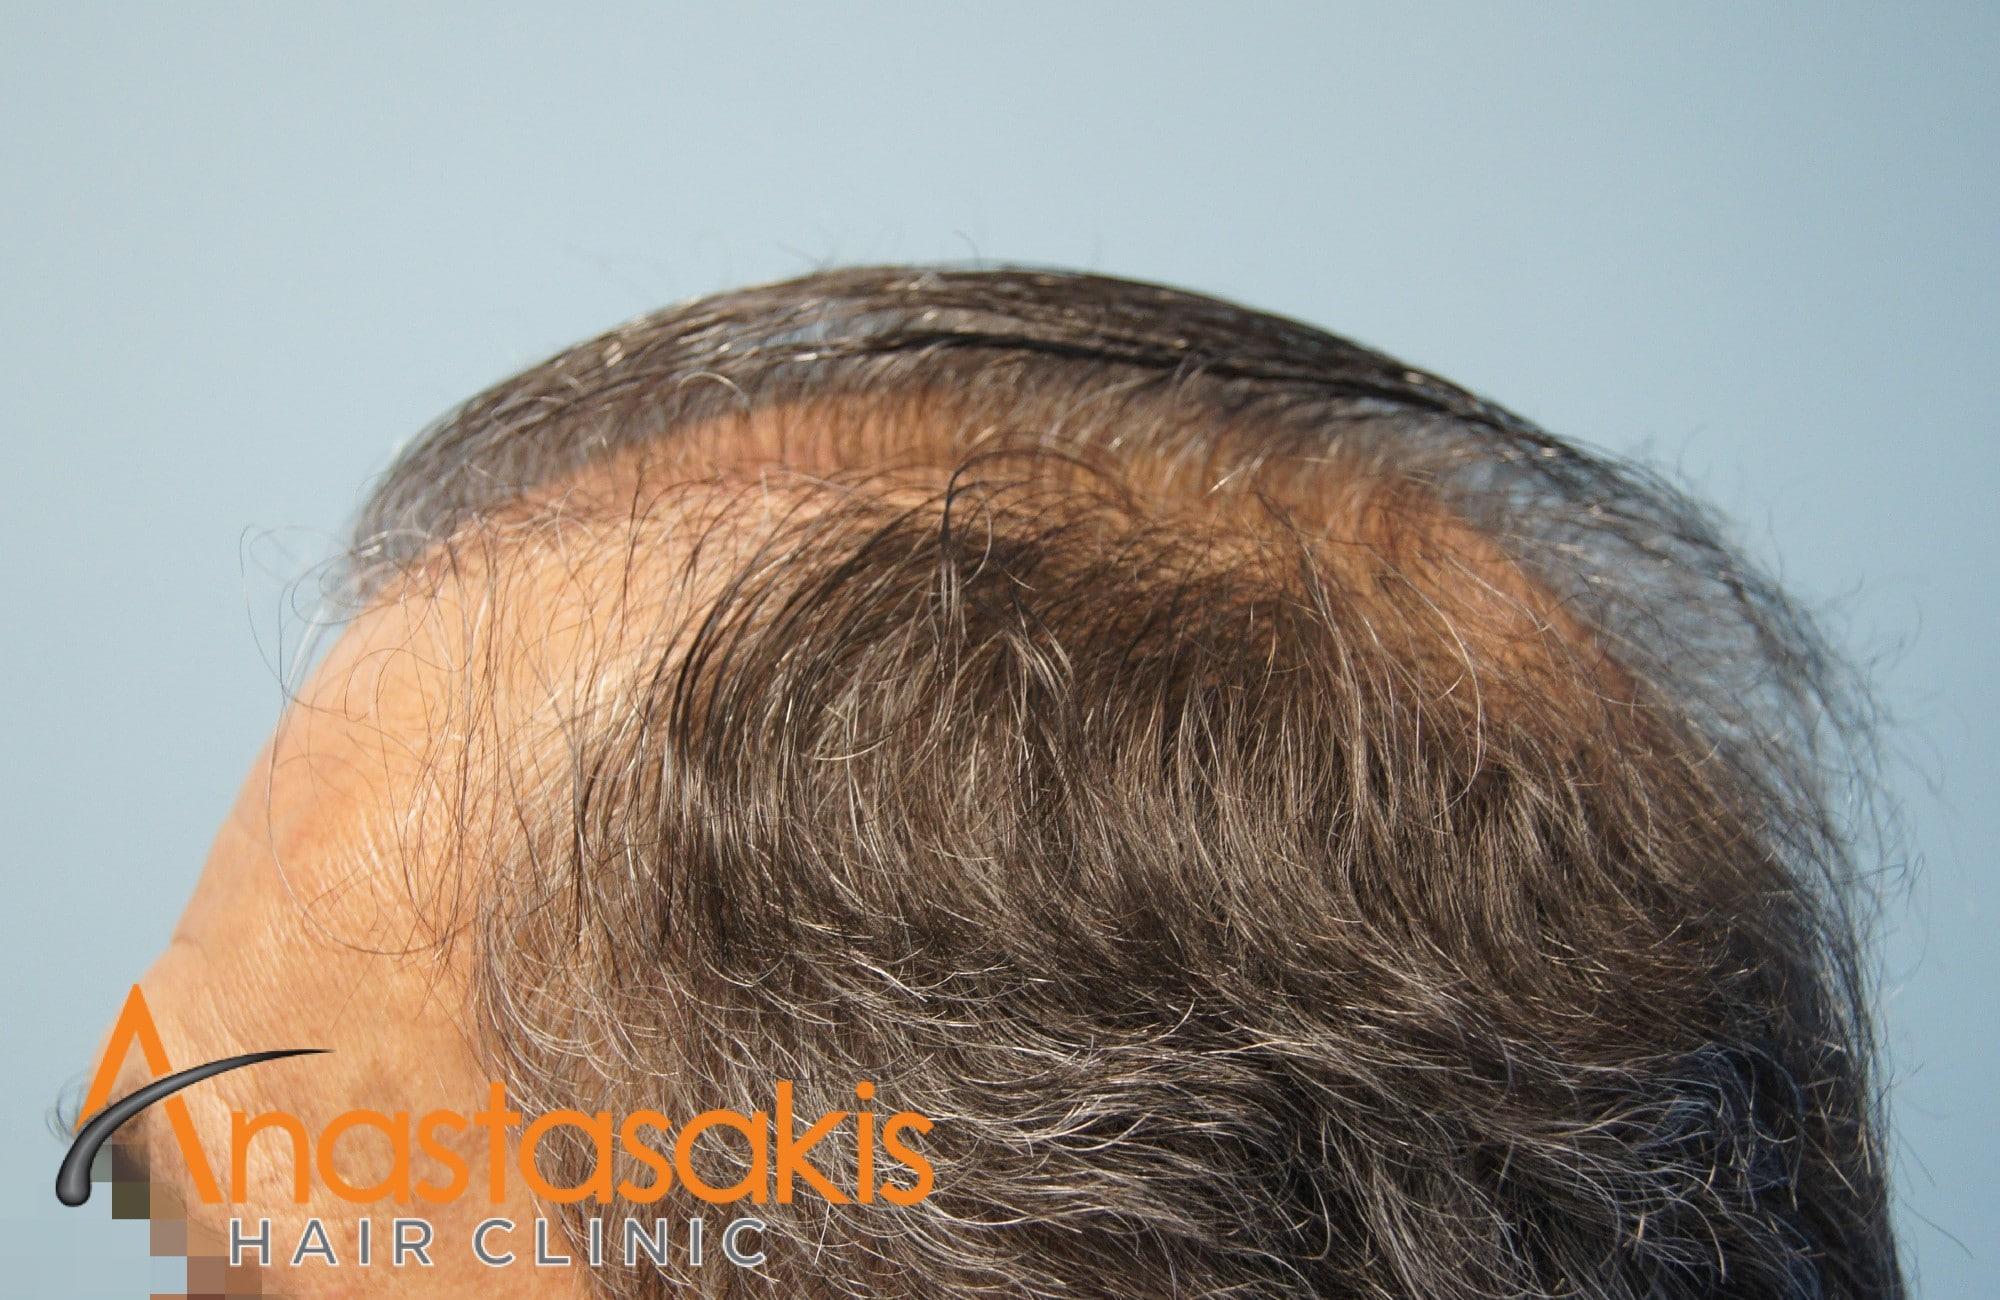 περιστατικο πριν τη μεταμοσχευση μαλλιων με 3964 fus - αριστερο προφιλ